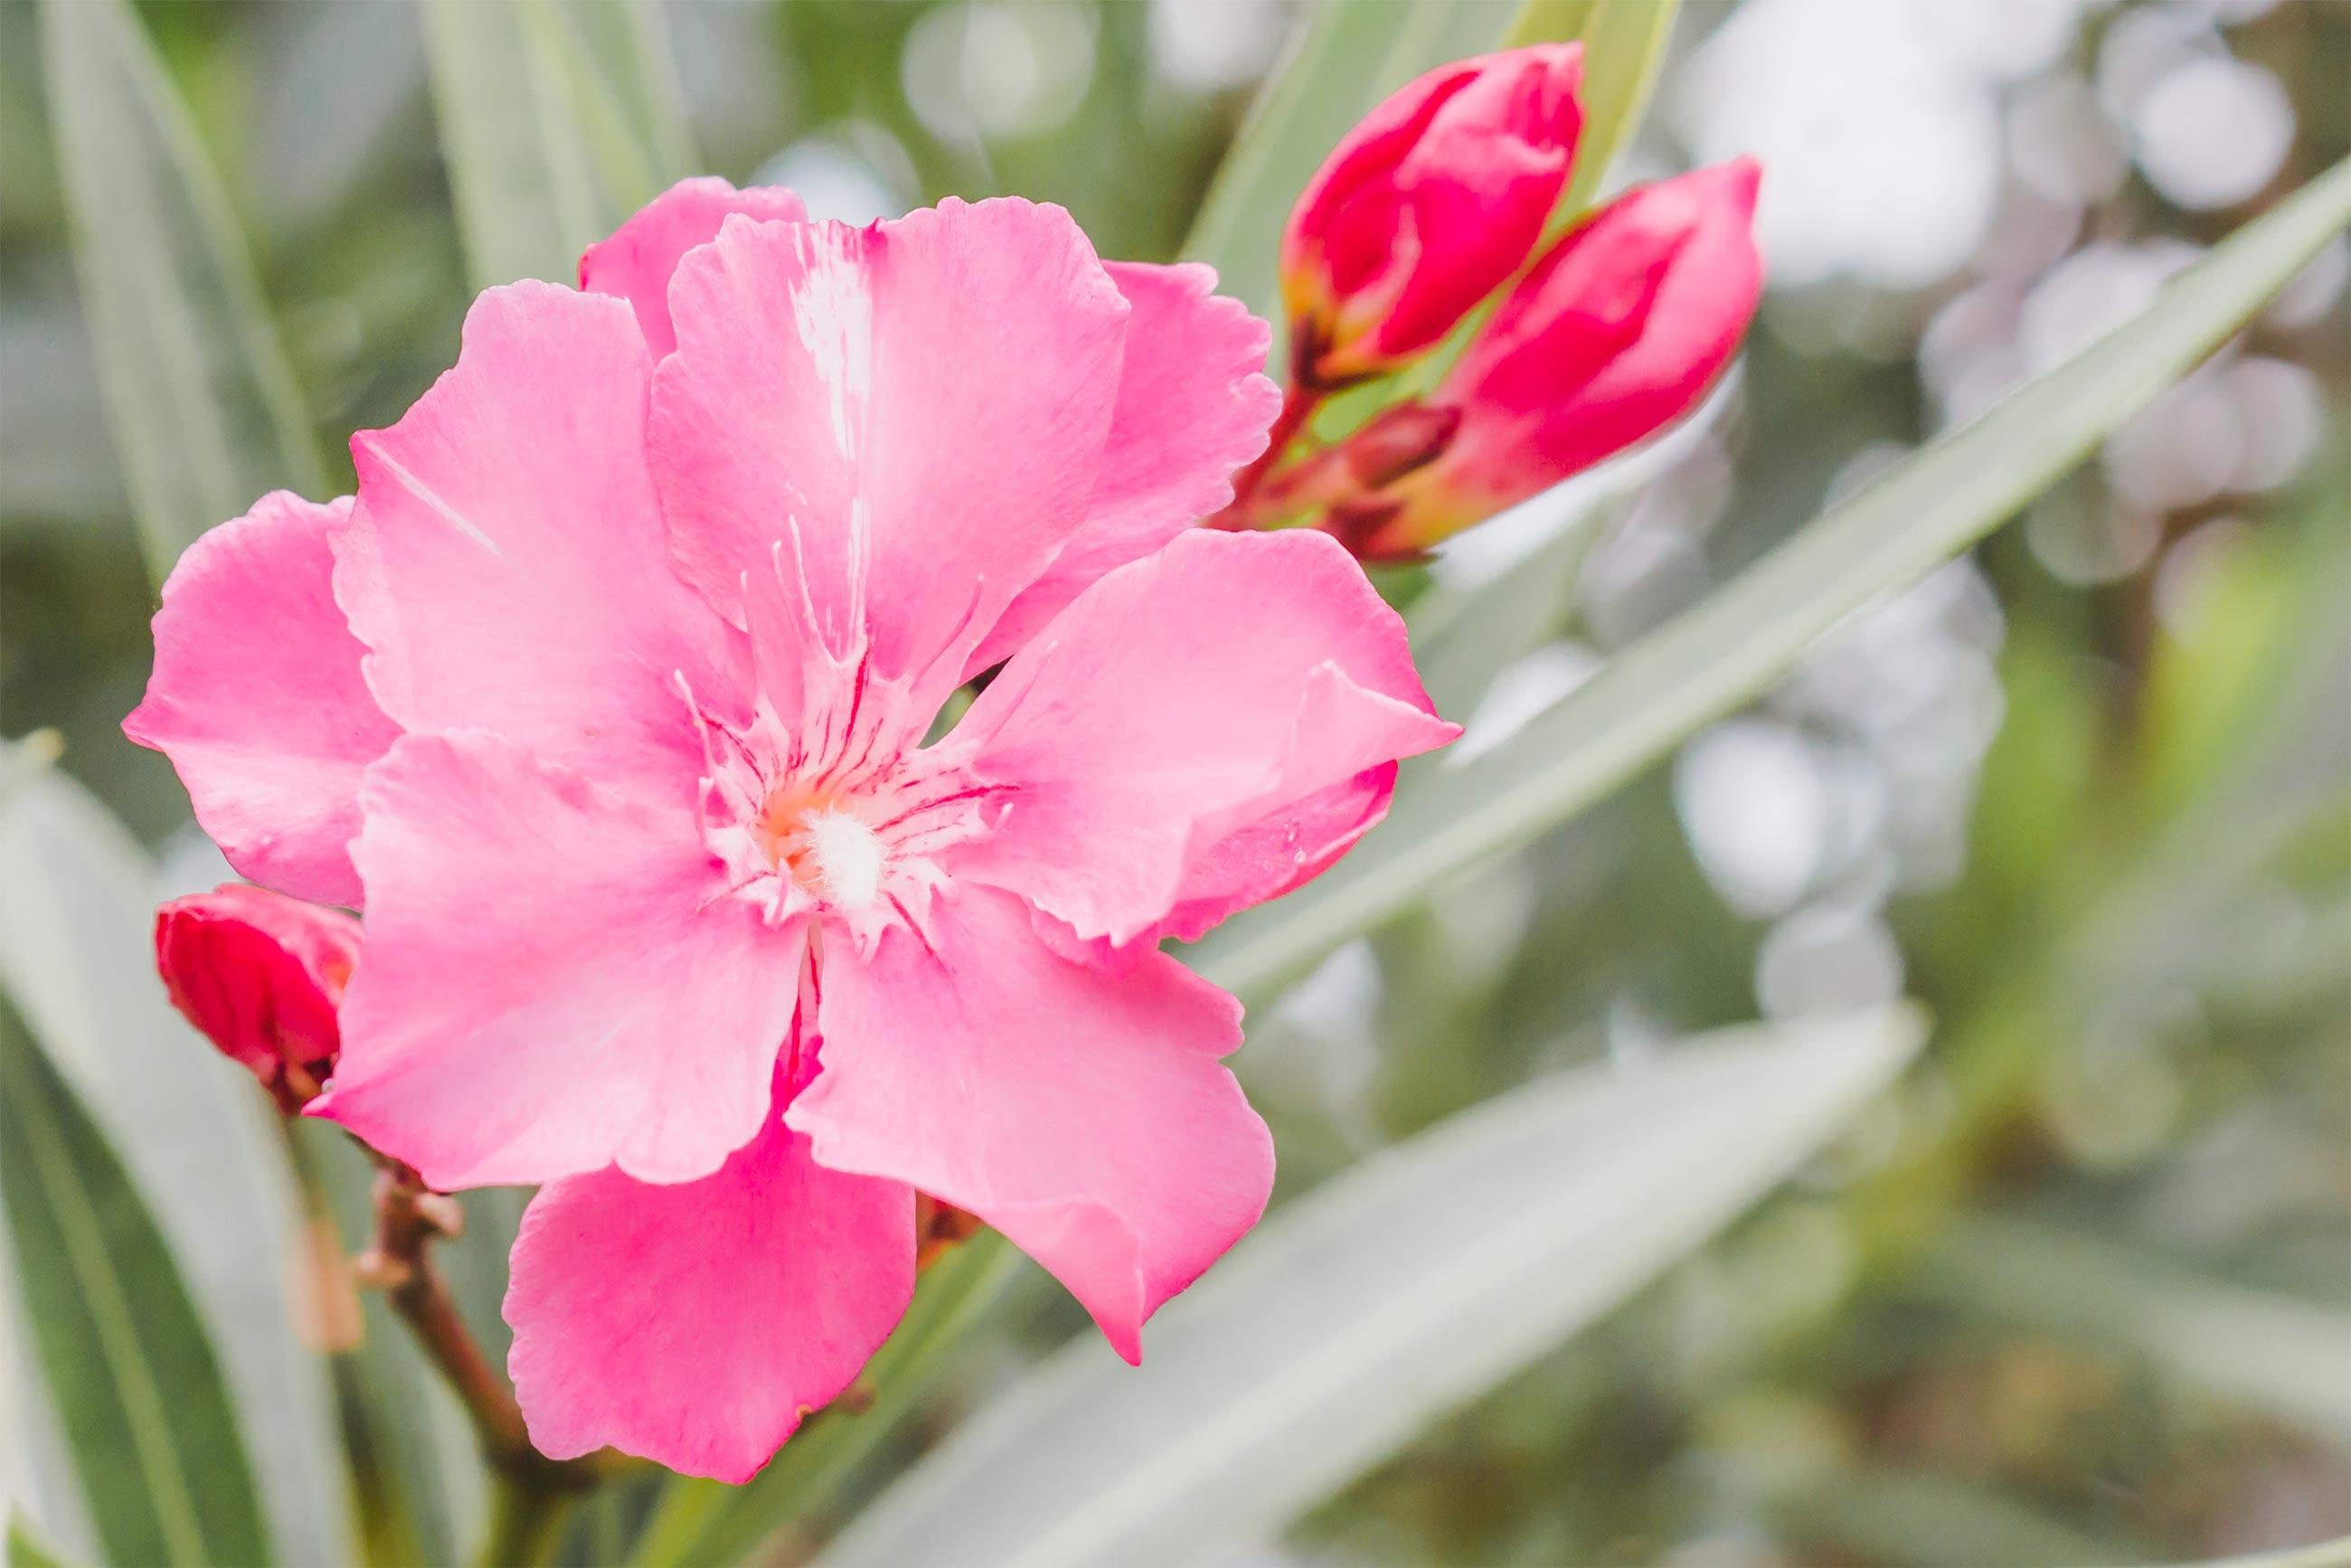 Oleander rose flower, Petal, Green, Herb, Inflorescence, HQ Photo